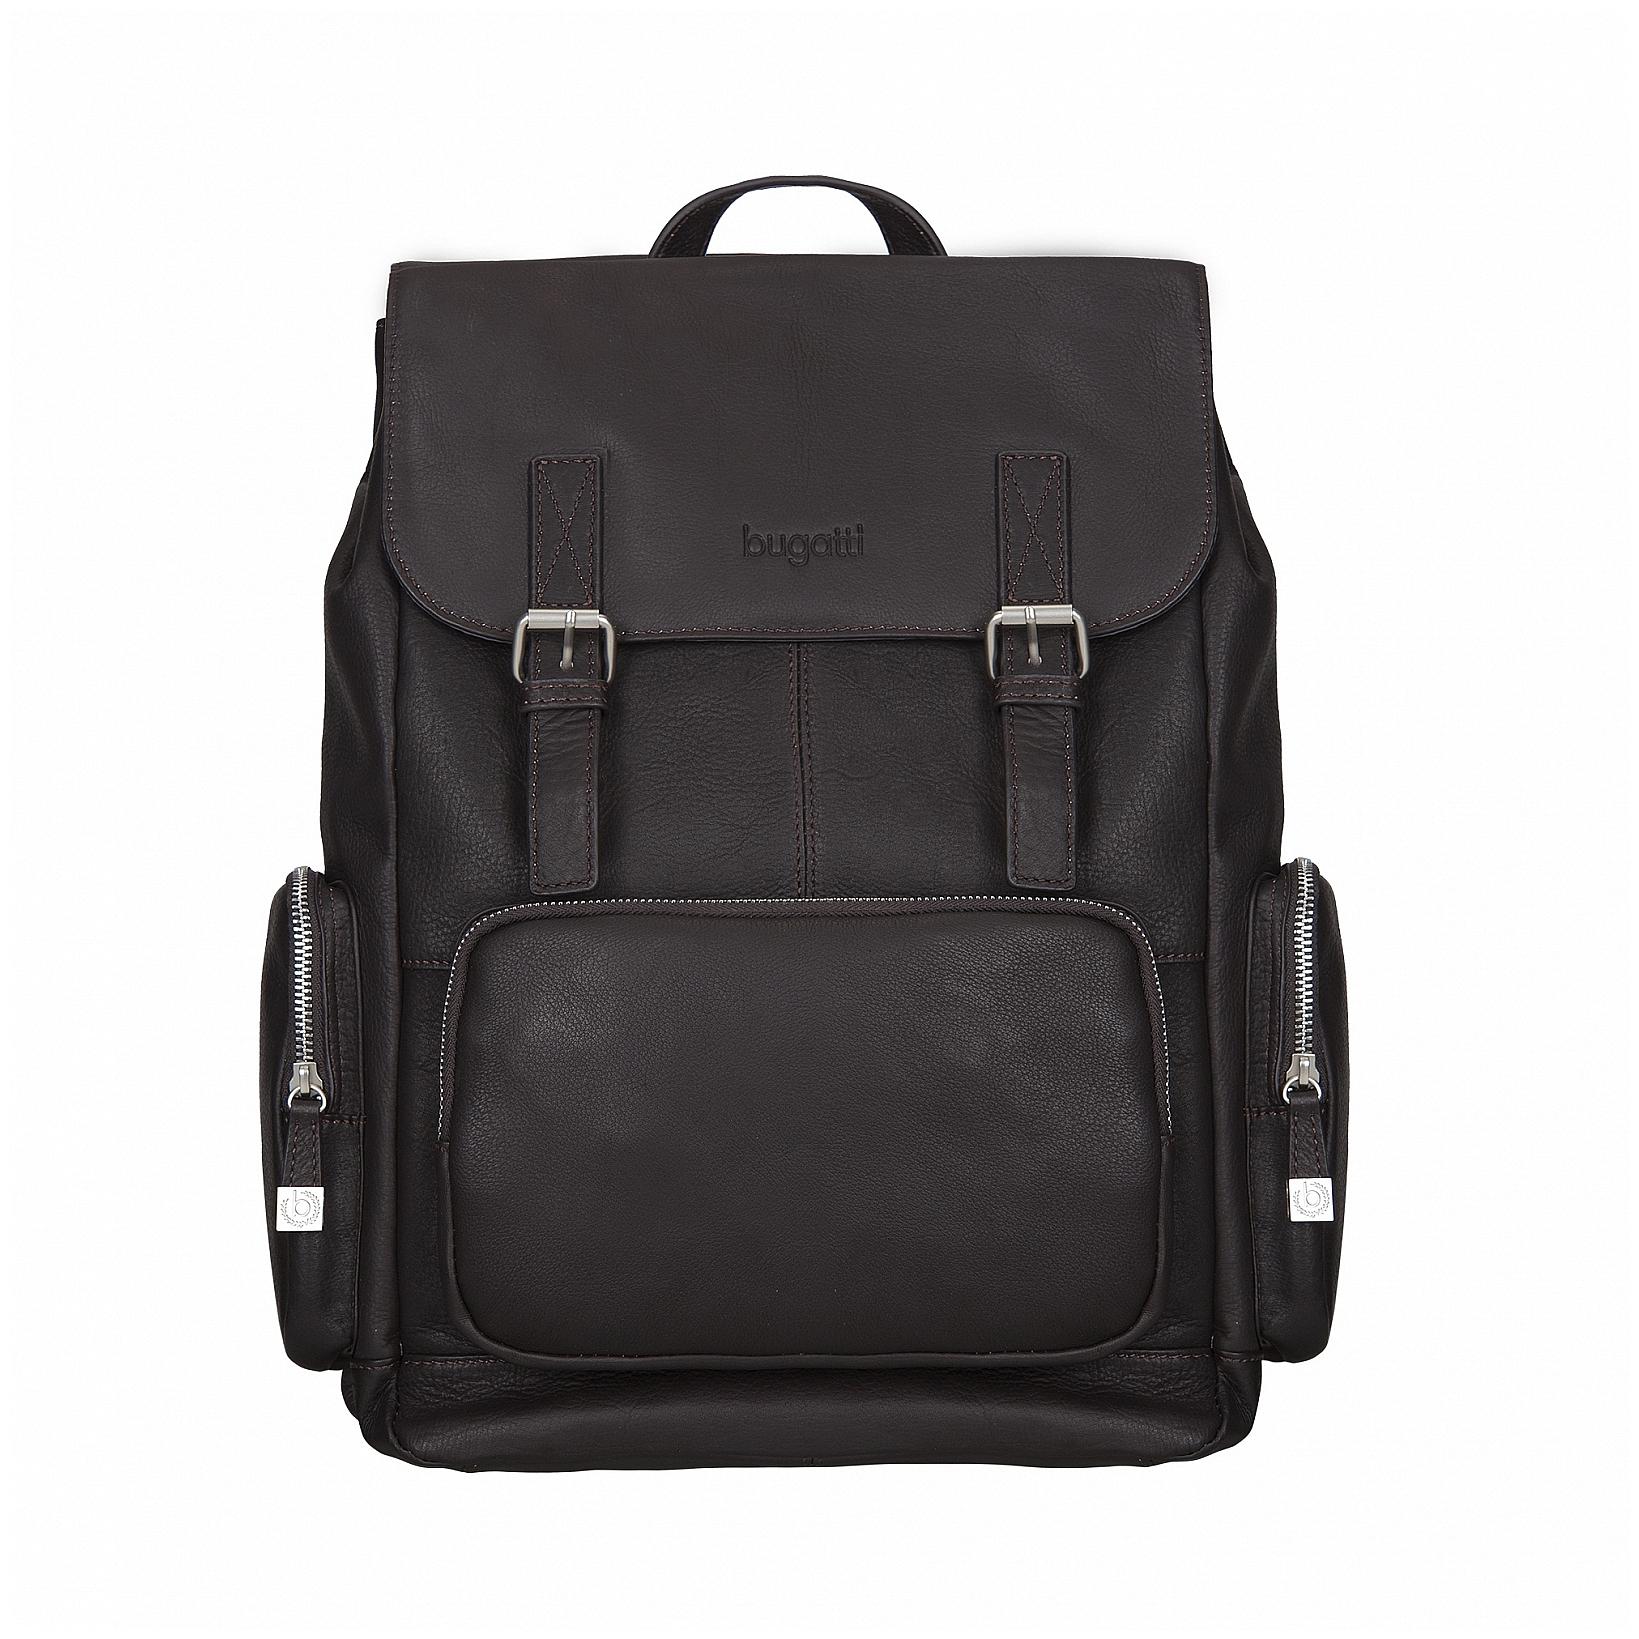 Bugatti Stylový kožený batoh na notebook Sartoria 49546302 hnědý